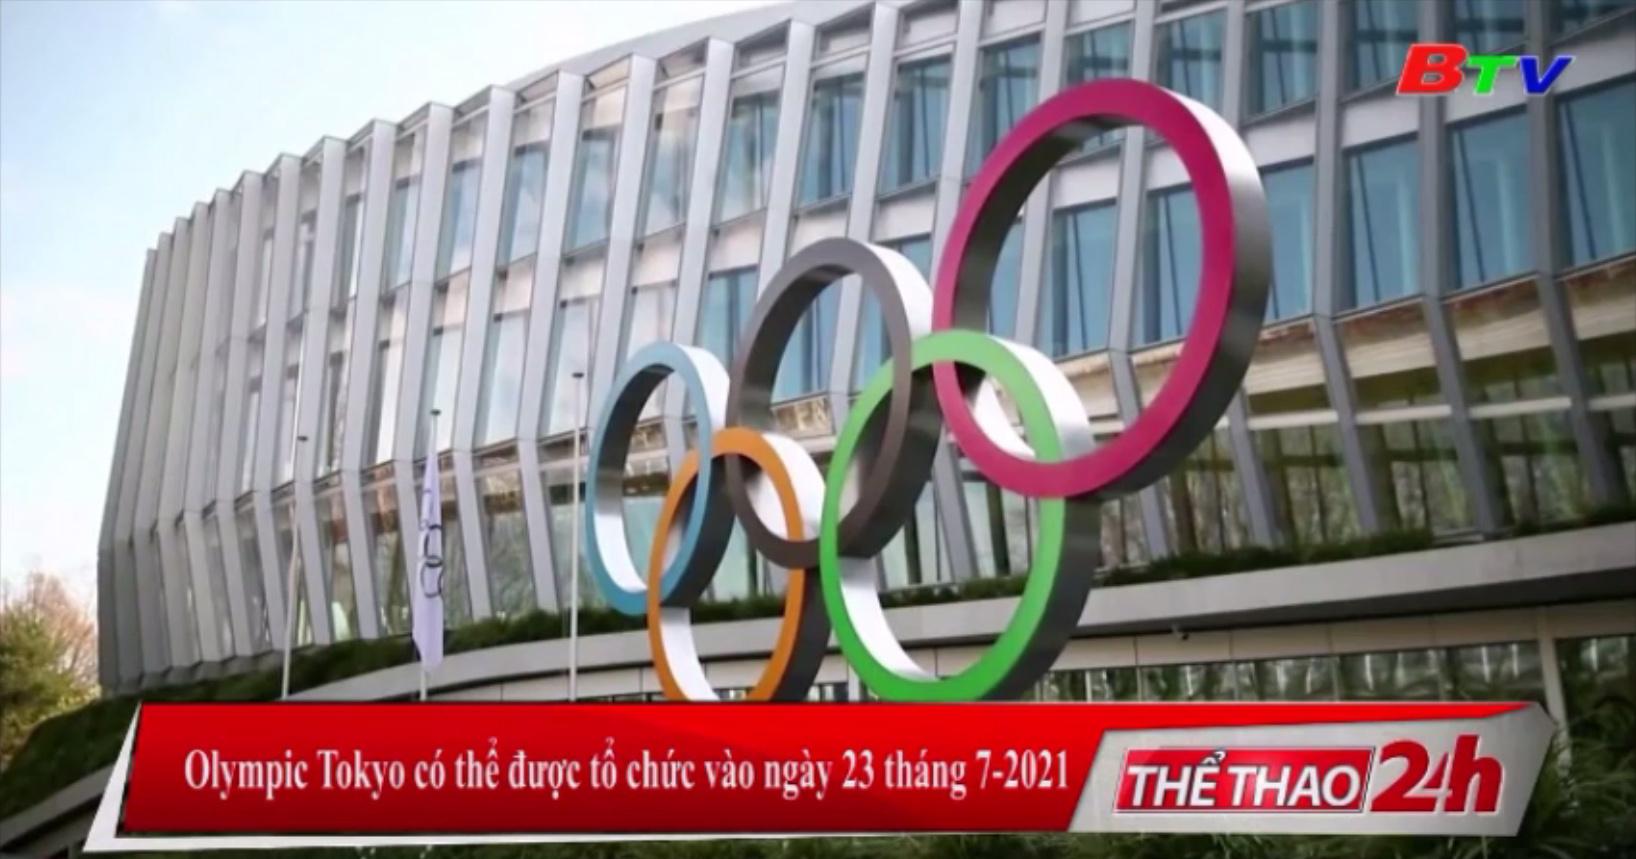 Olympic Tokyo có thể được tổ chức vào ngày 23 tháng 7-2021